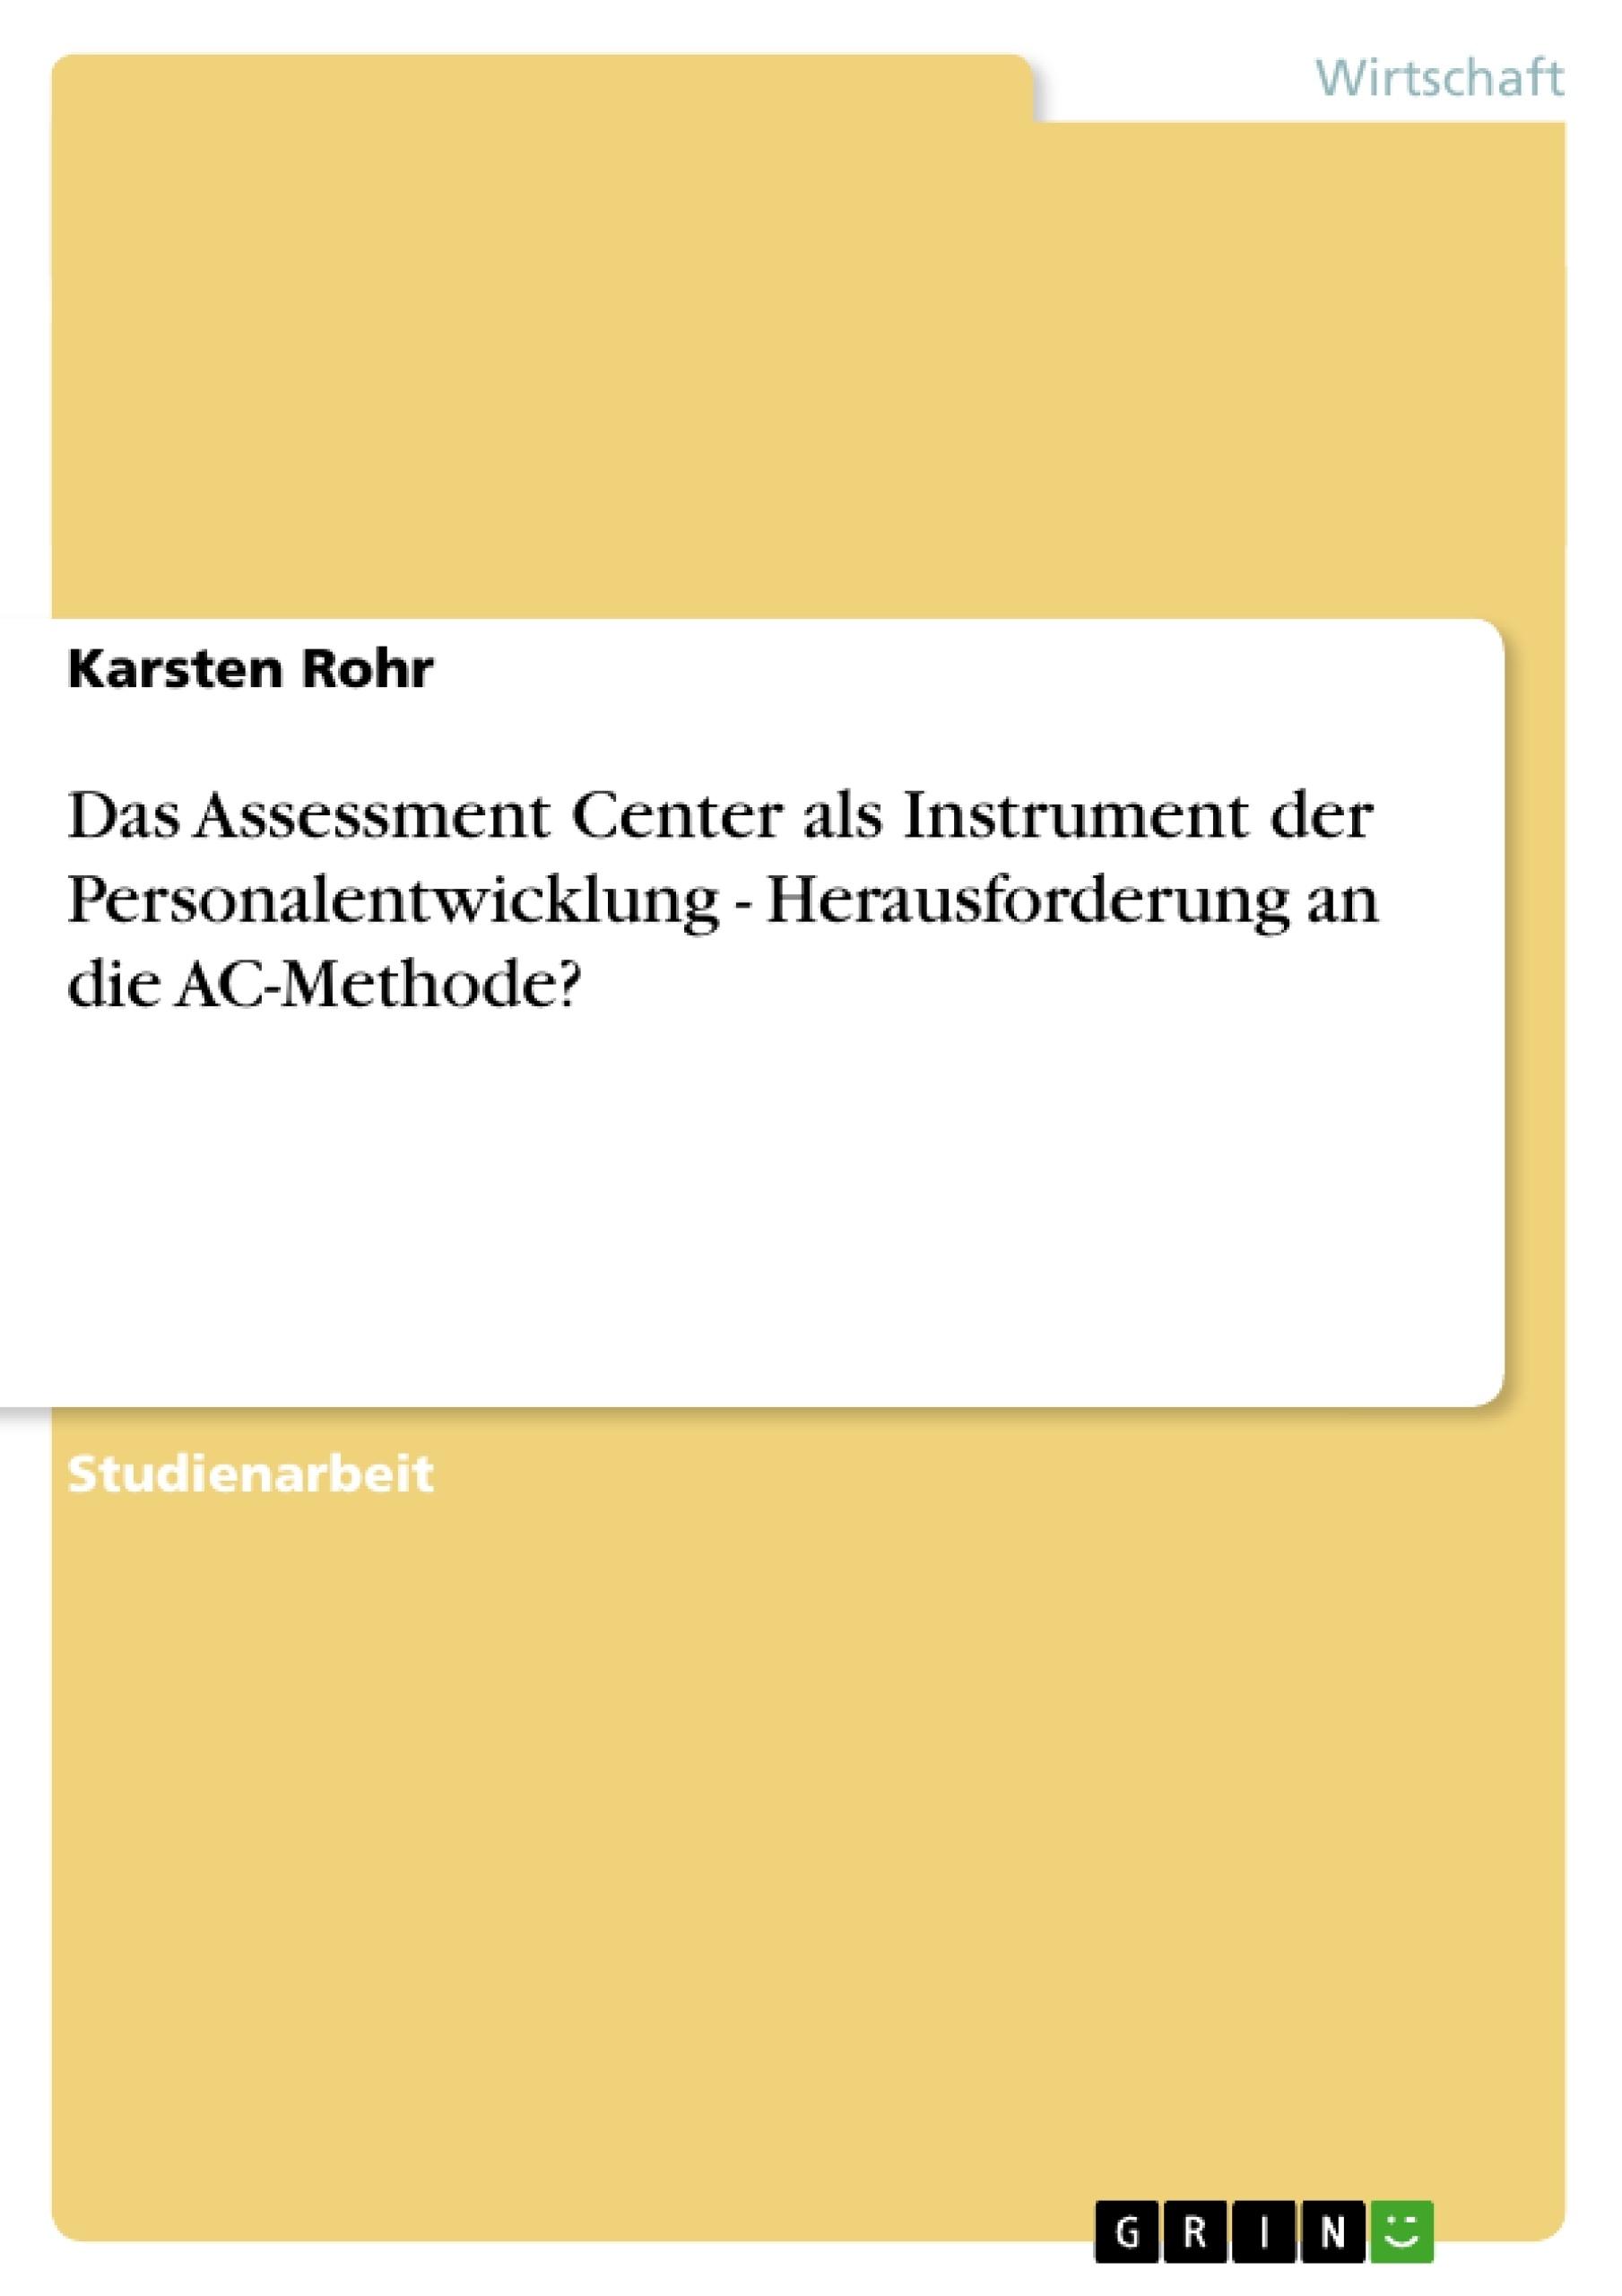 Titel: Das Assessment Center als Instrument der Personalentwicklung - Herausforderung an die AC-Methode?